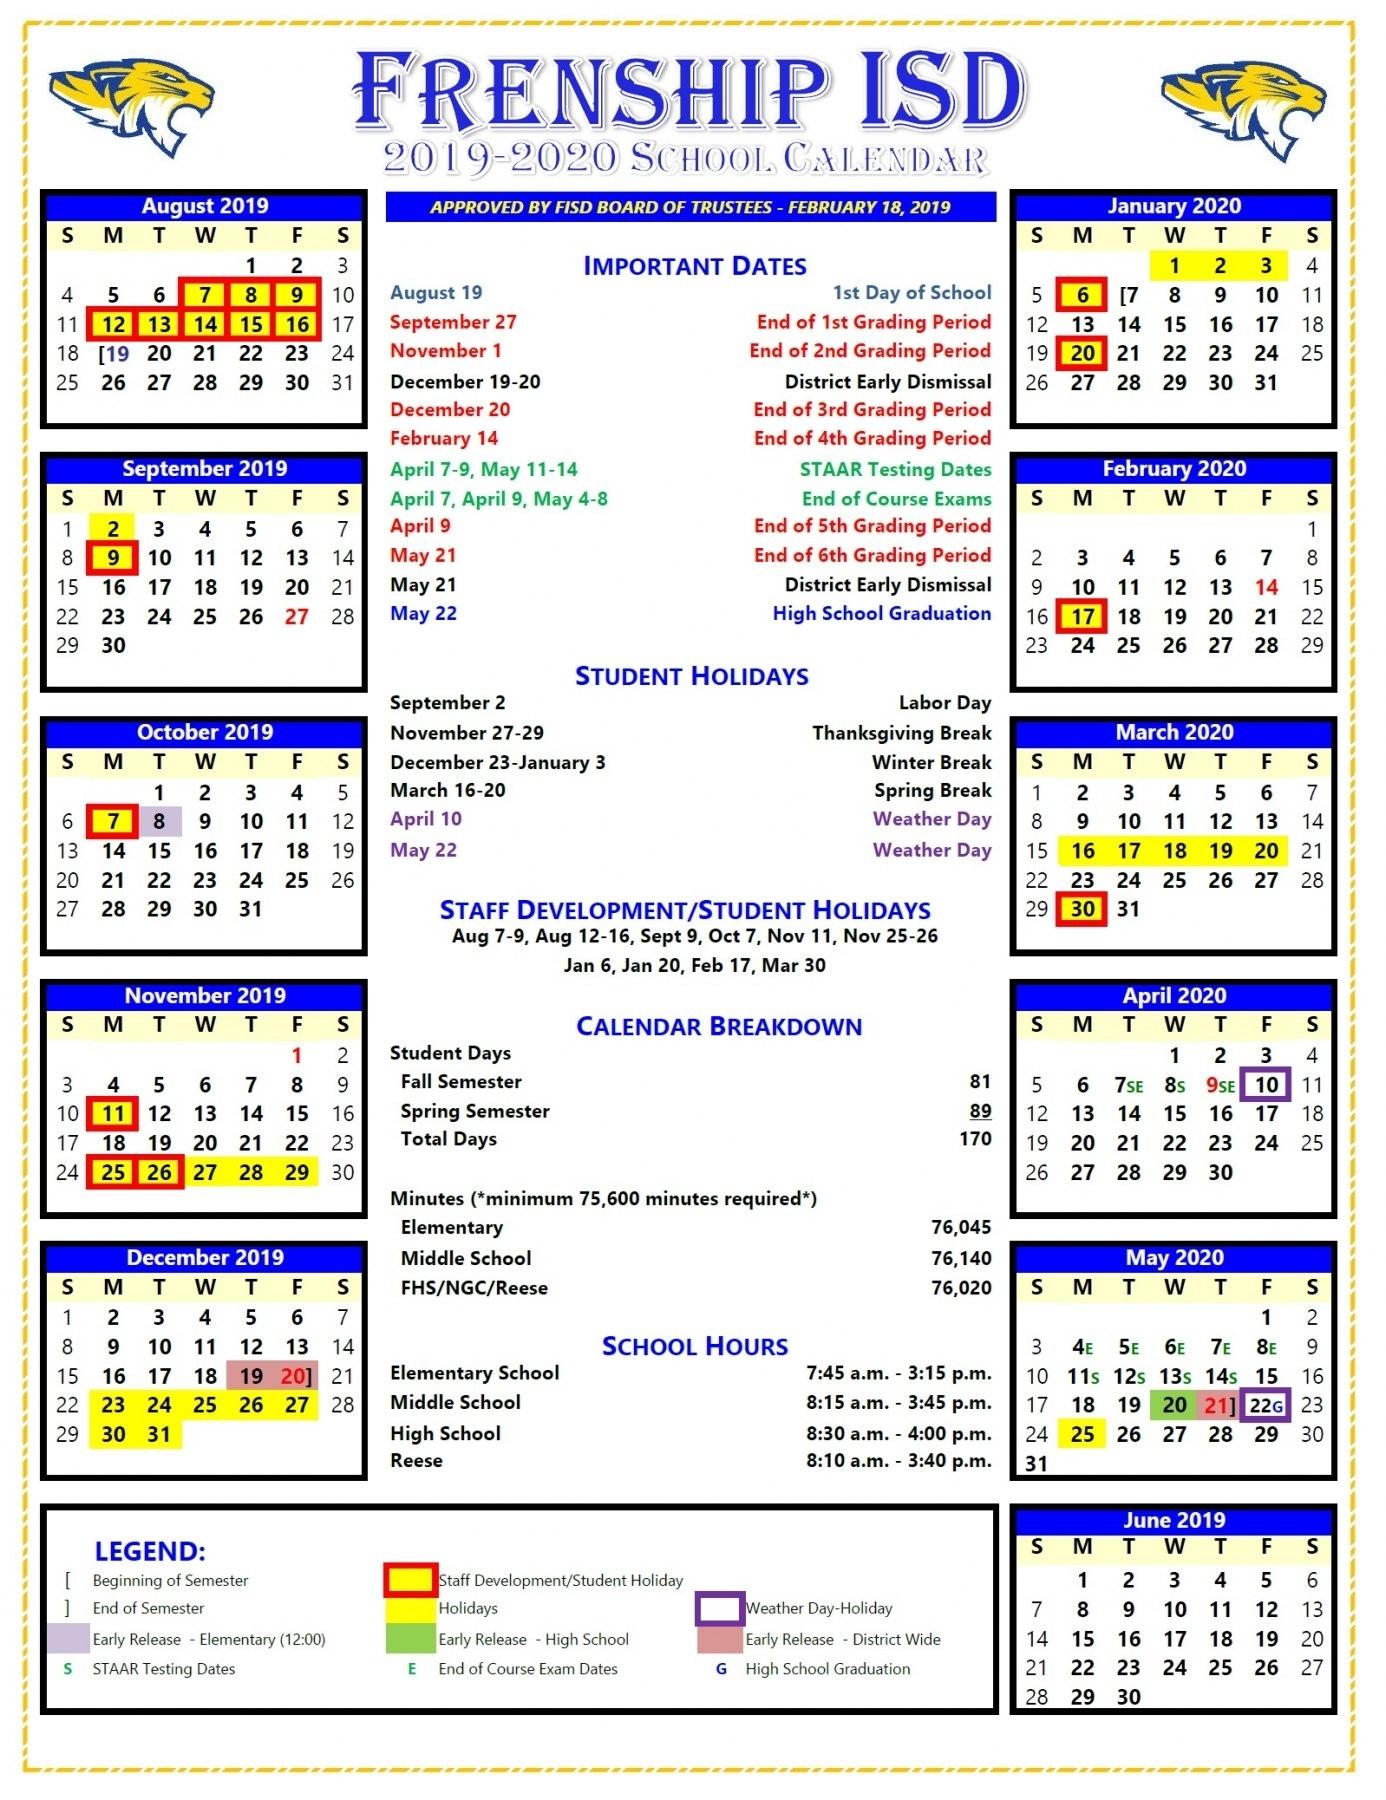 Special Calendar Days 2020 - Calendar Inspiration Design